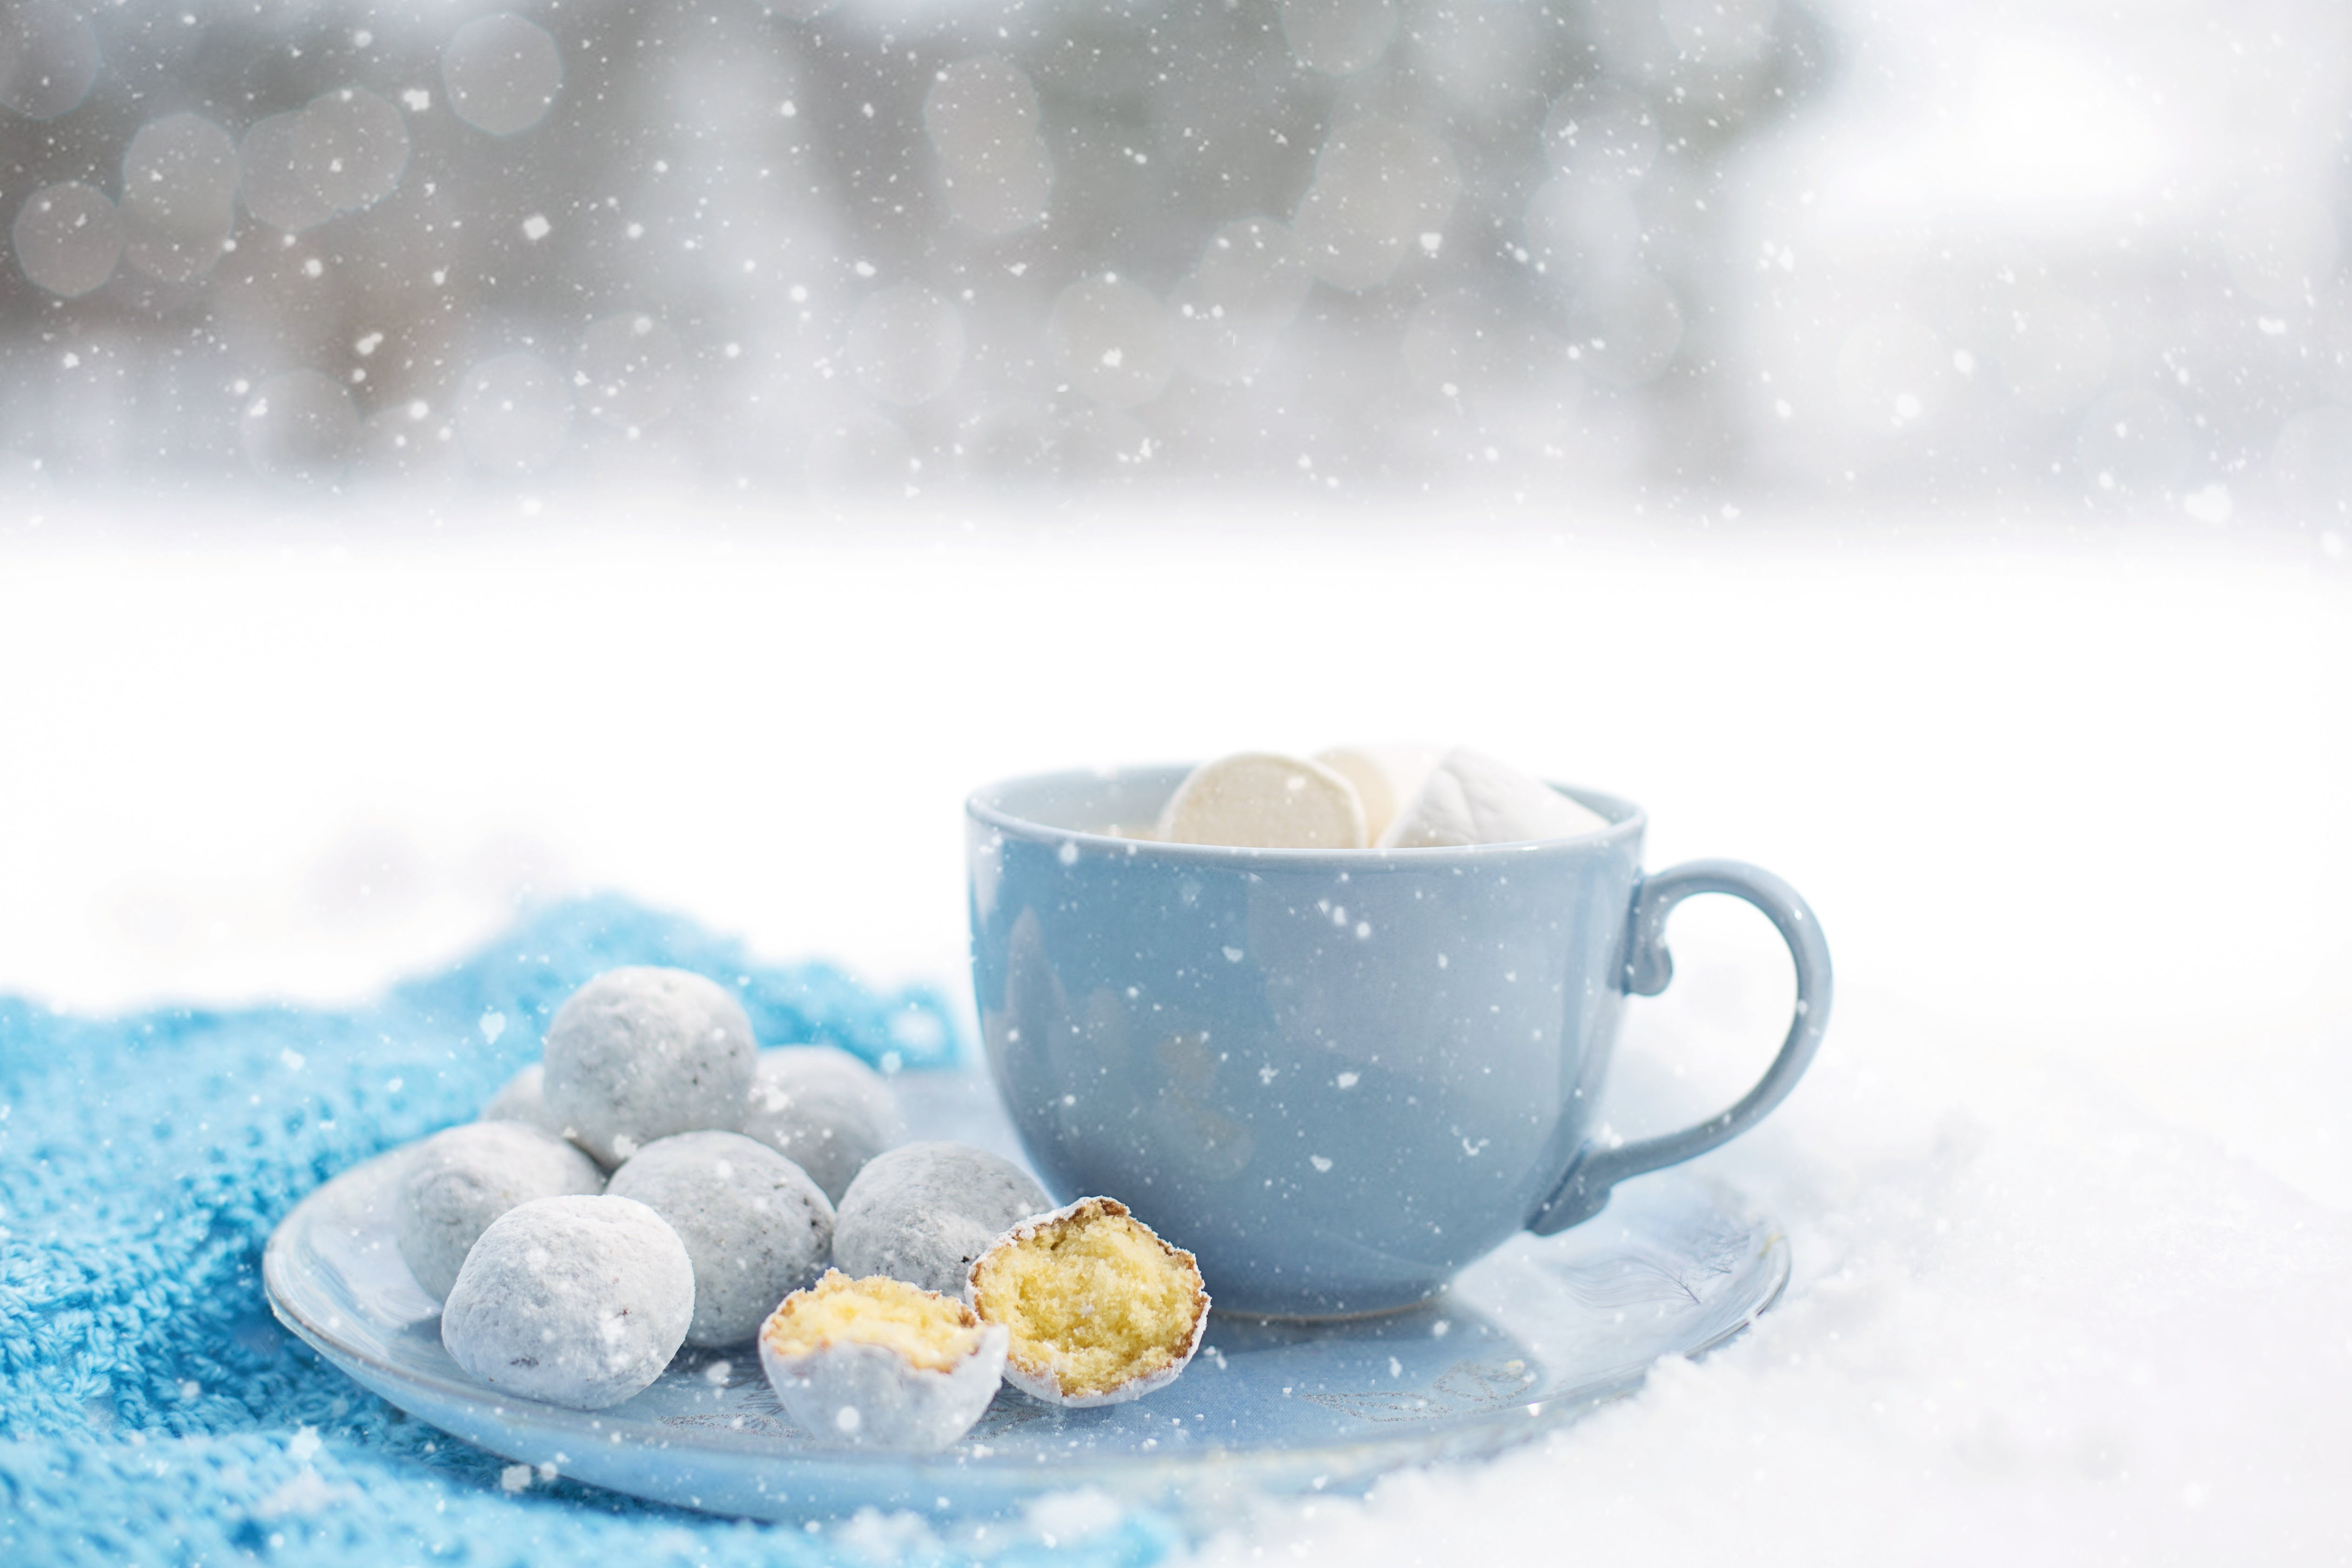 Free stock photo of cocoa, cozy, delicious, dessert